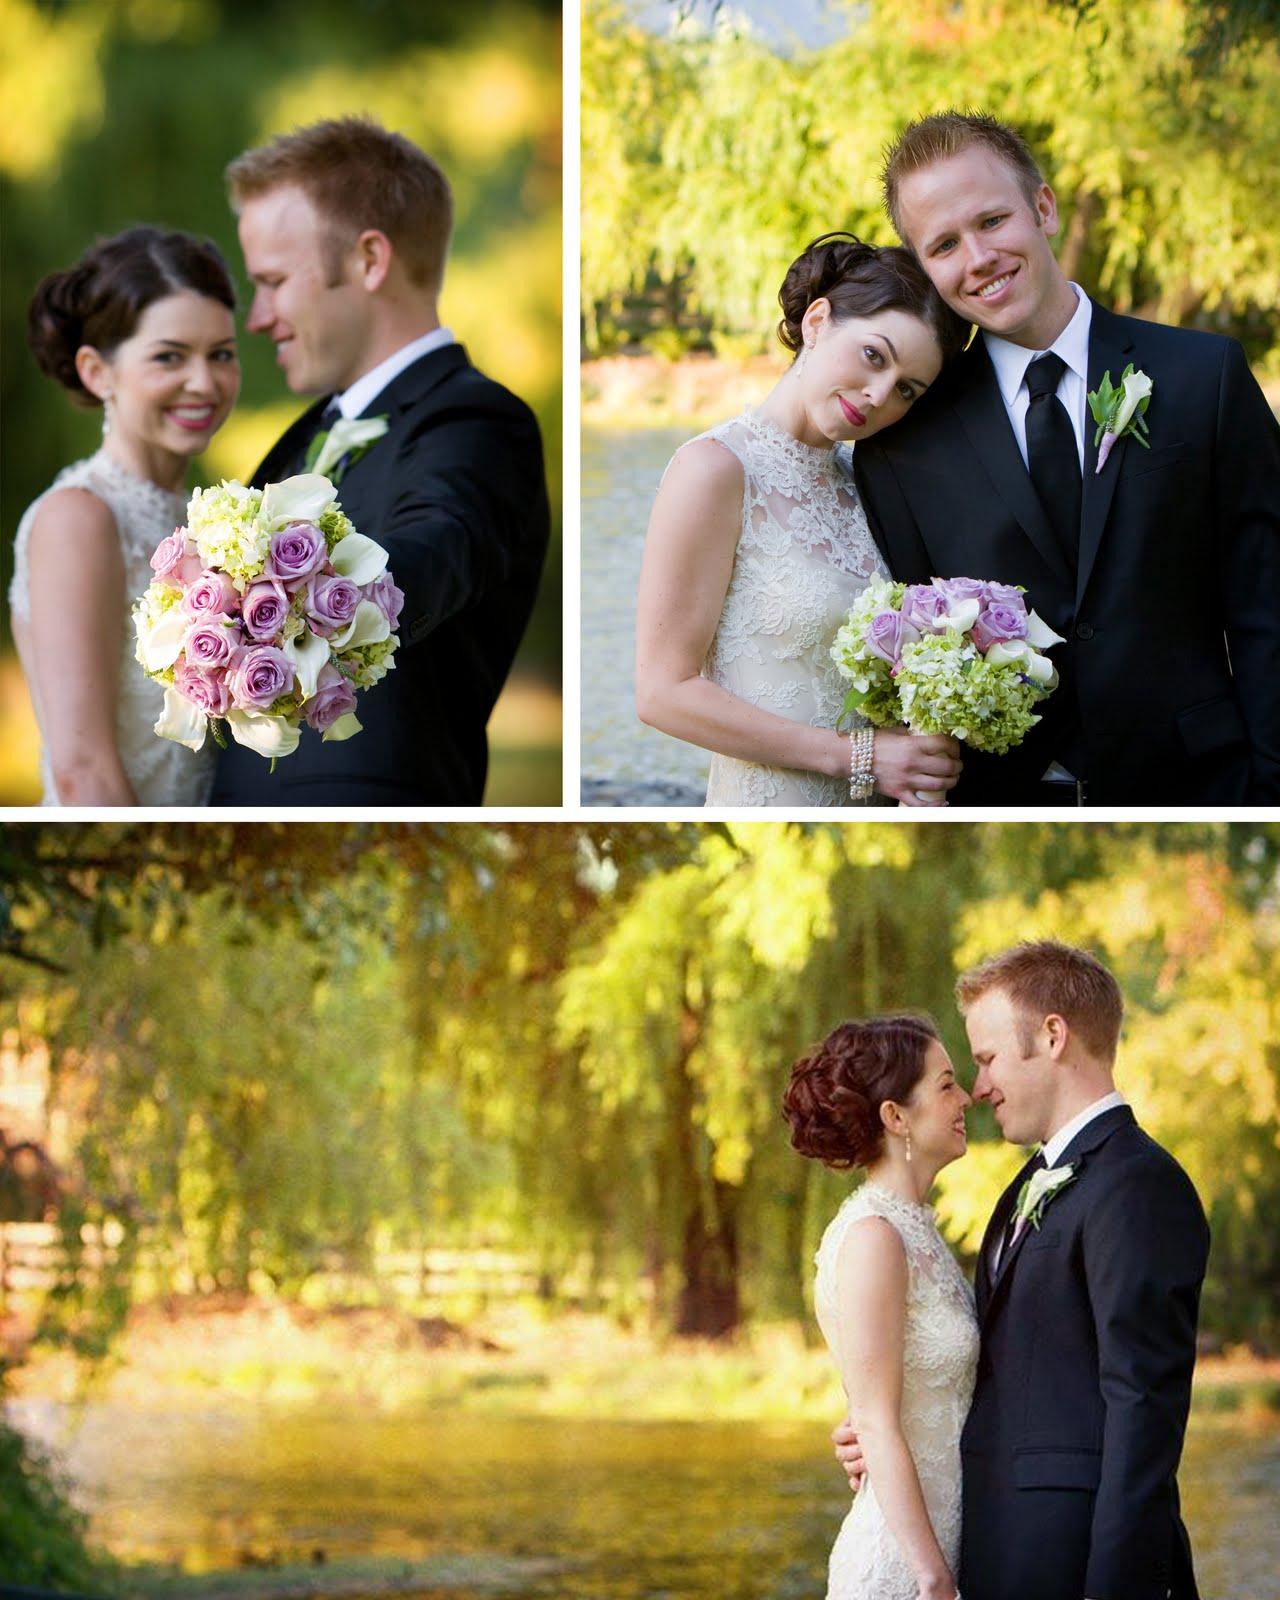 [12+Bride+&+Groom.jpg]